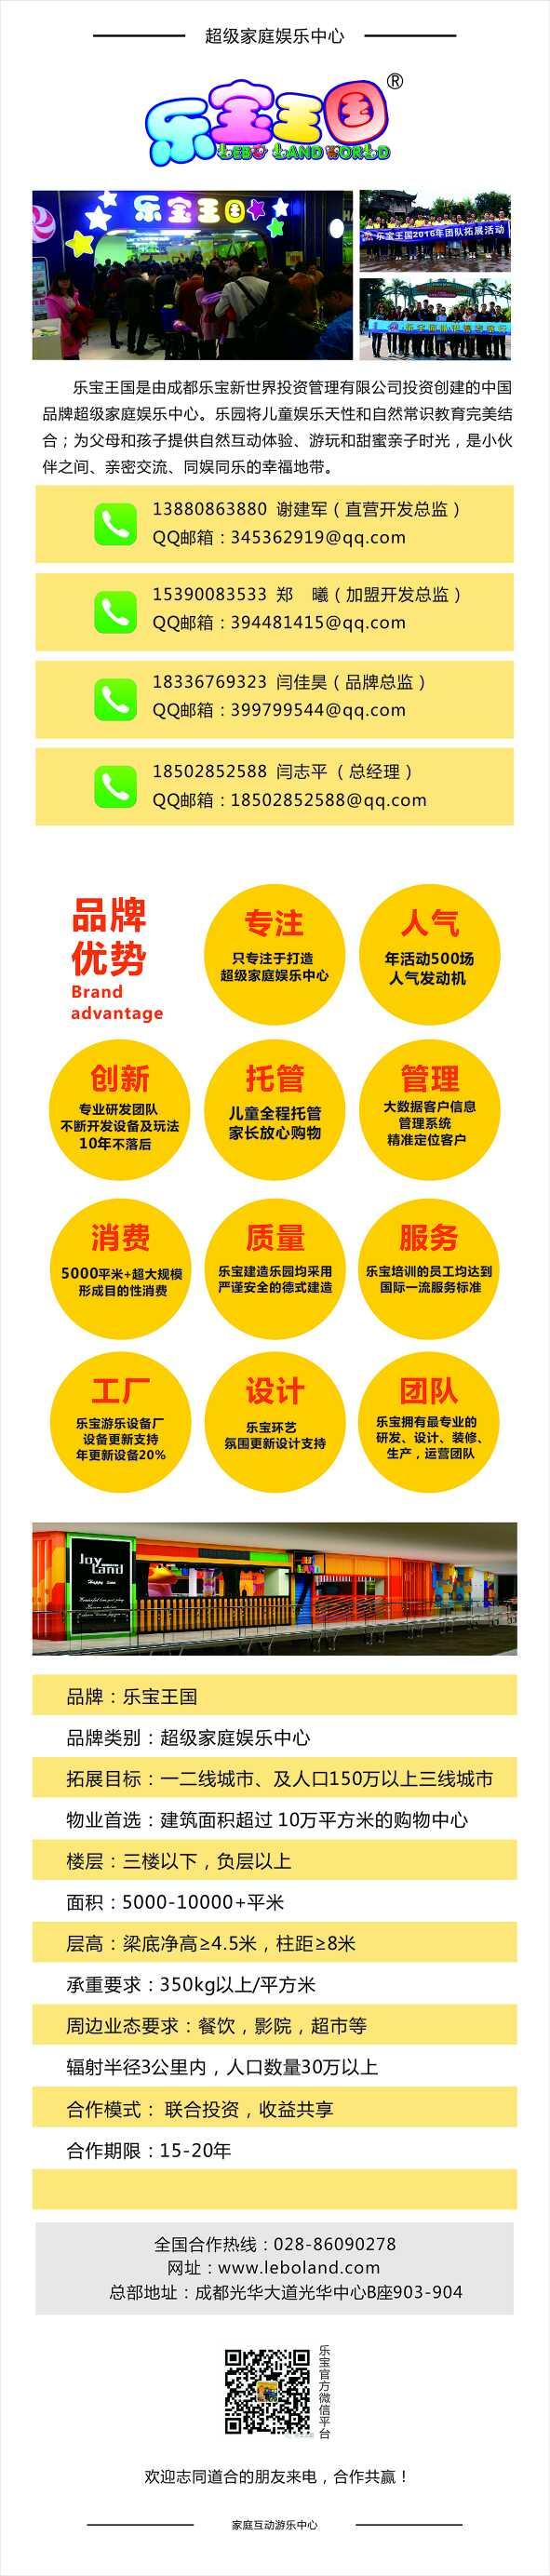 来自谢建军发布的商务合作信息:... - 成都乐宝汉赢企业管理有限公司